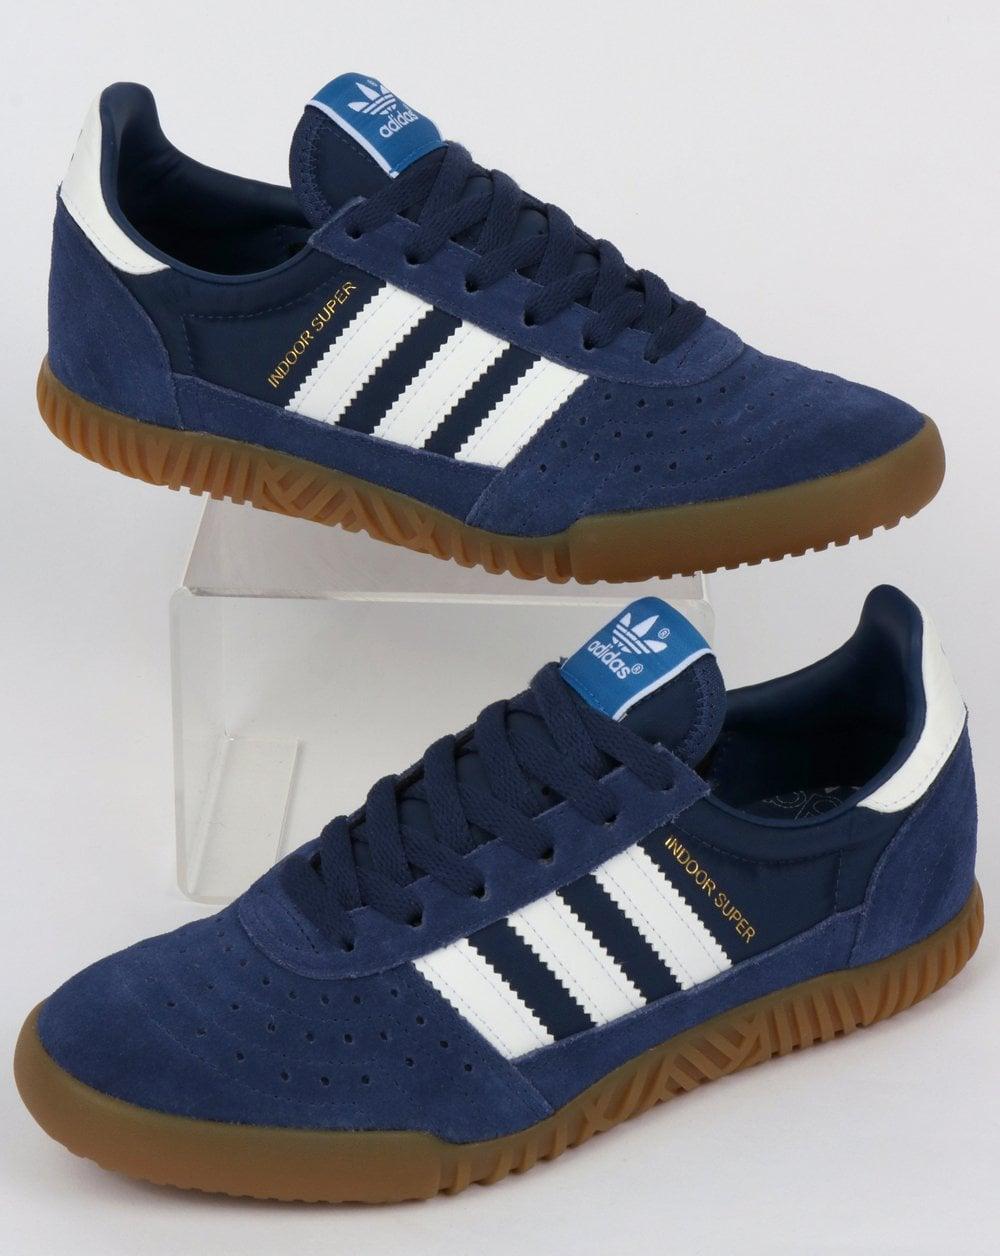 744f4e214aaa Adidas Indoor Super Trainer Indigo Blue/White gum | 80s casual classics